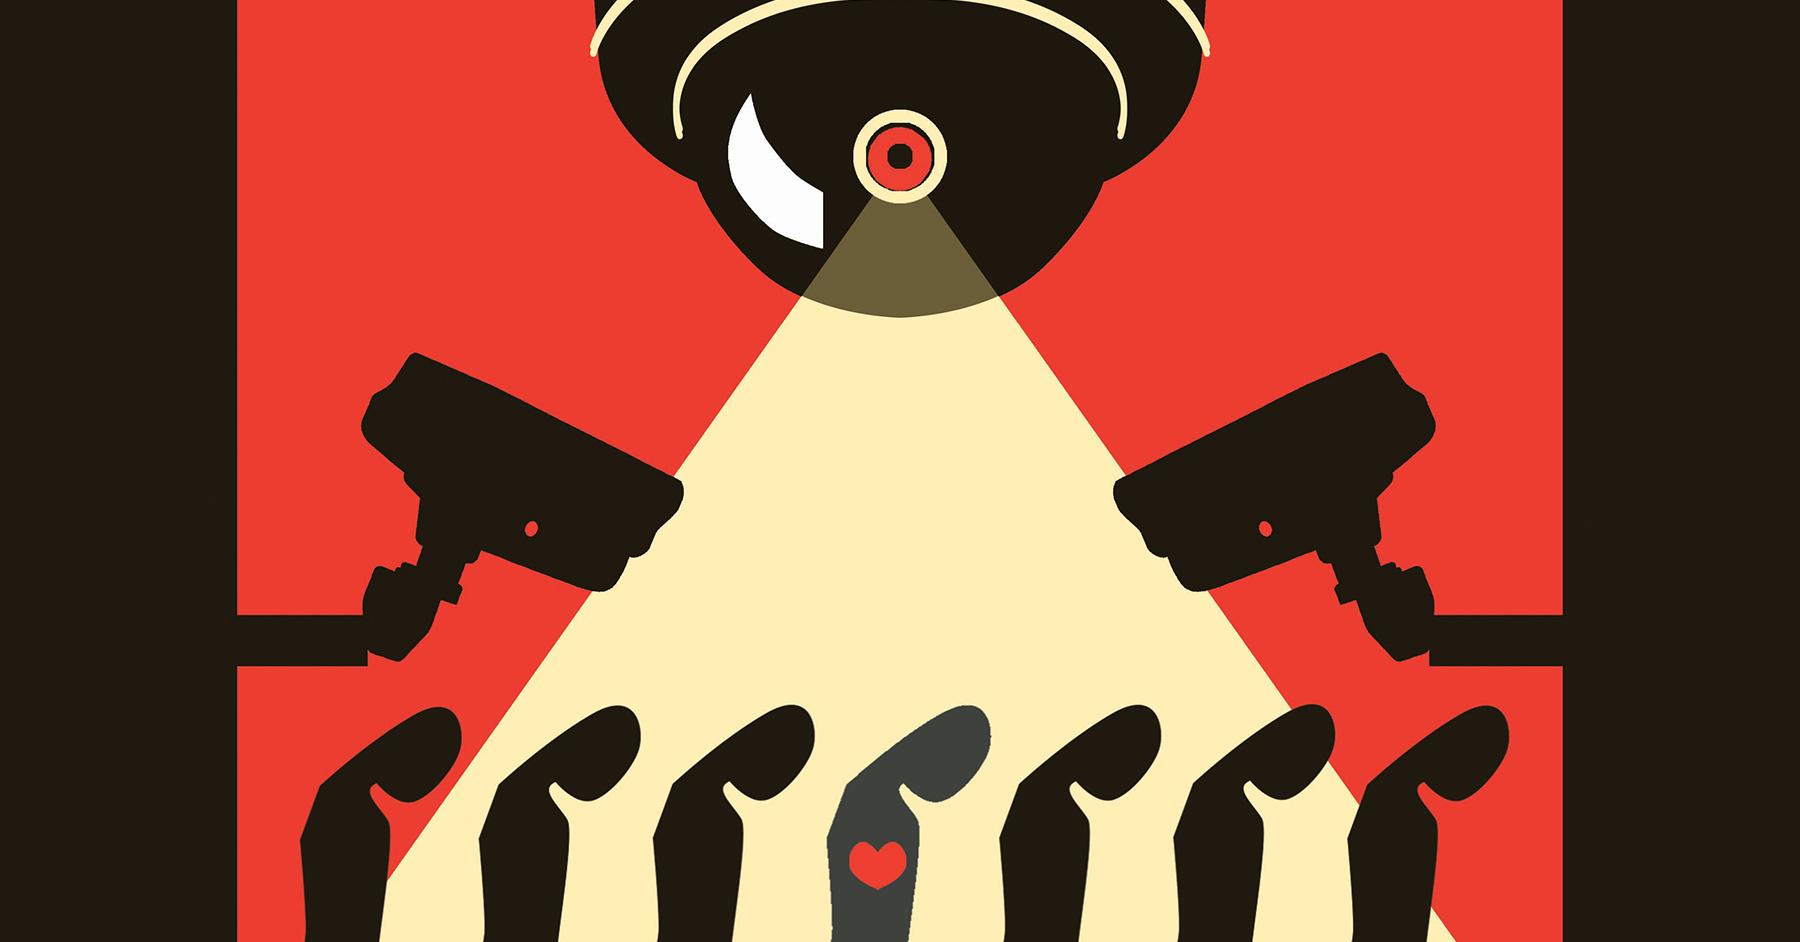 De combates y condenas - Mancha negra y furia